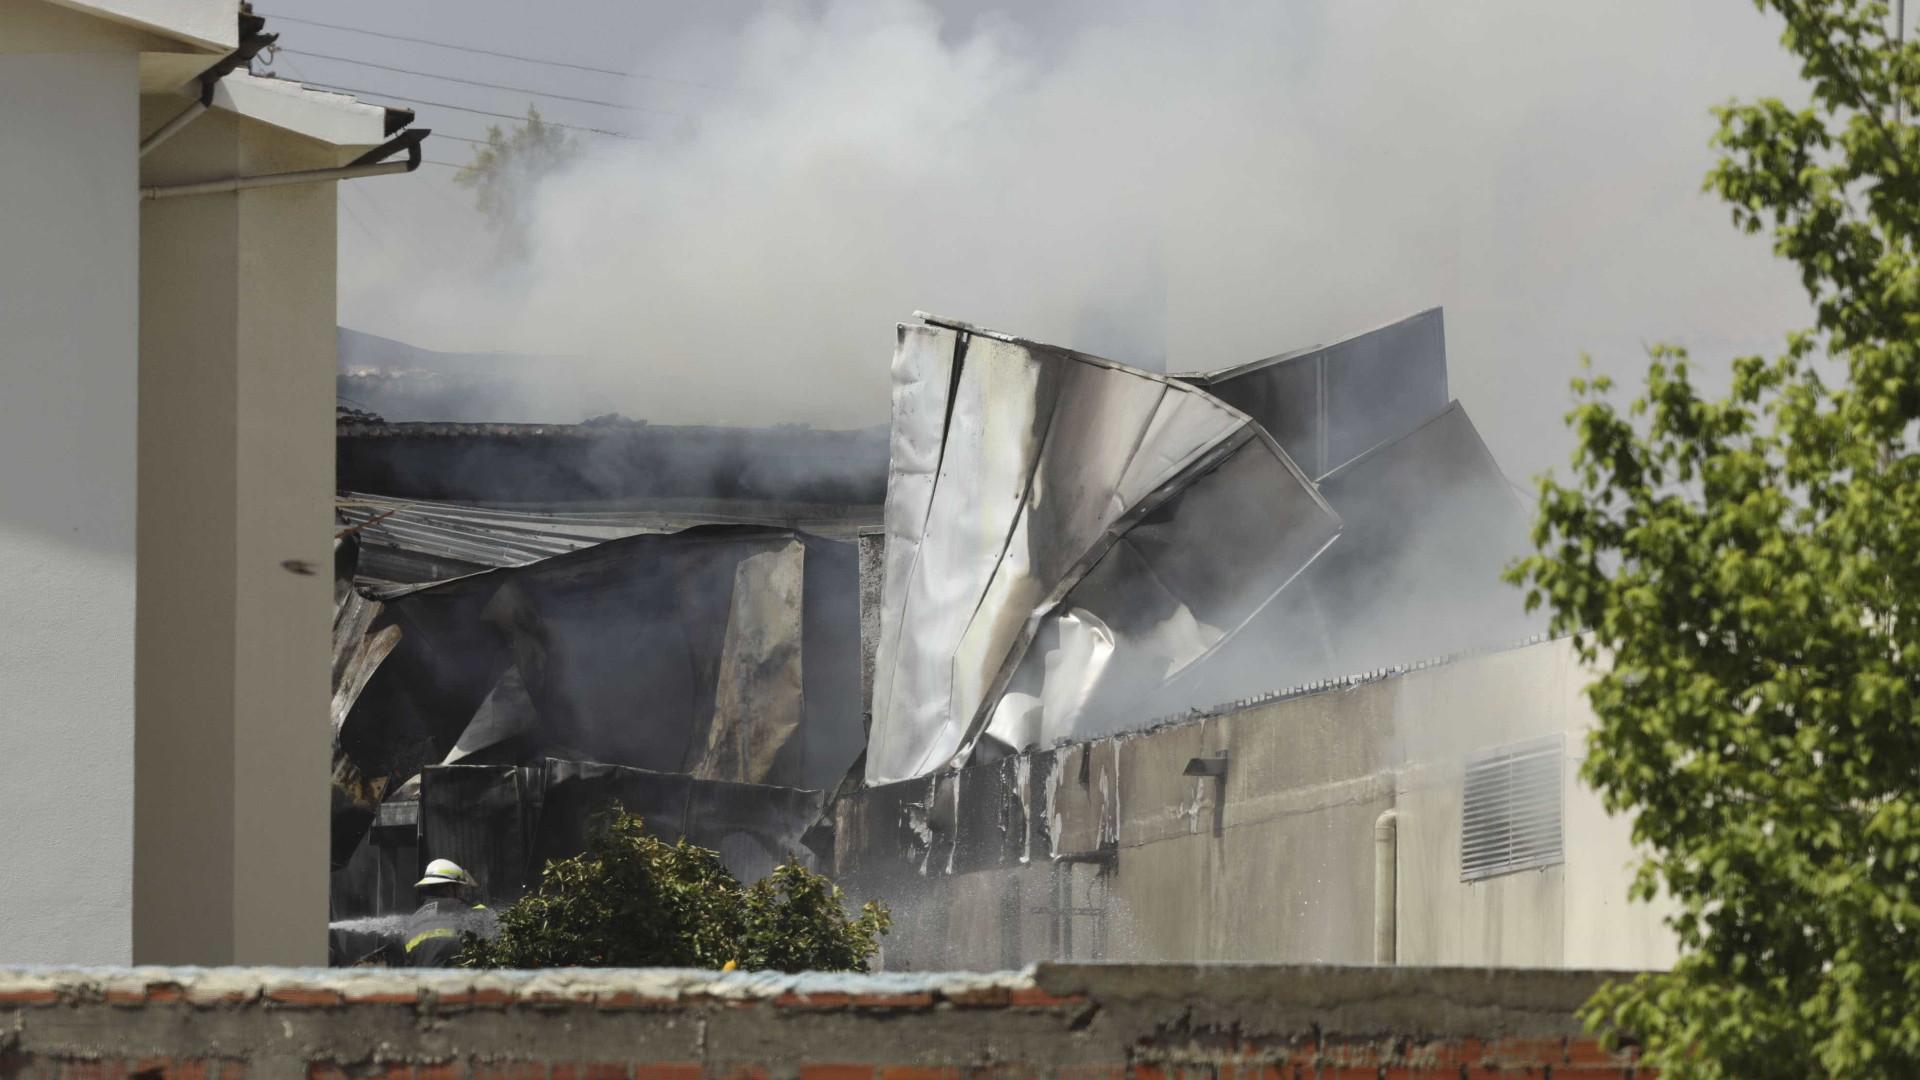 Tires: Suíça, França, EUA e Canadá participam na investigação do acidente